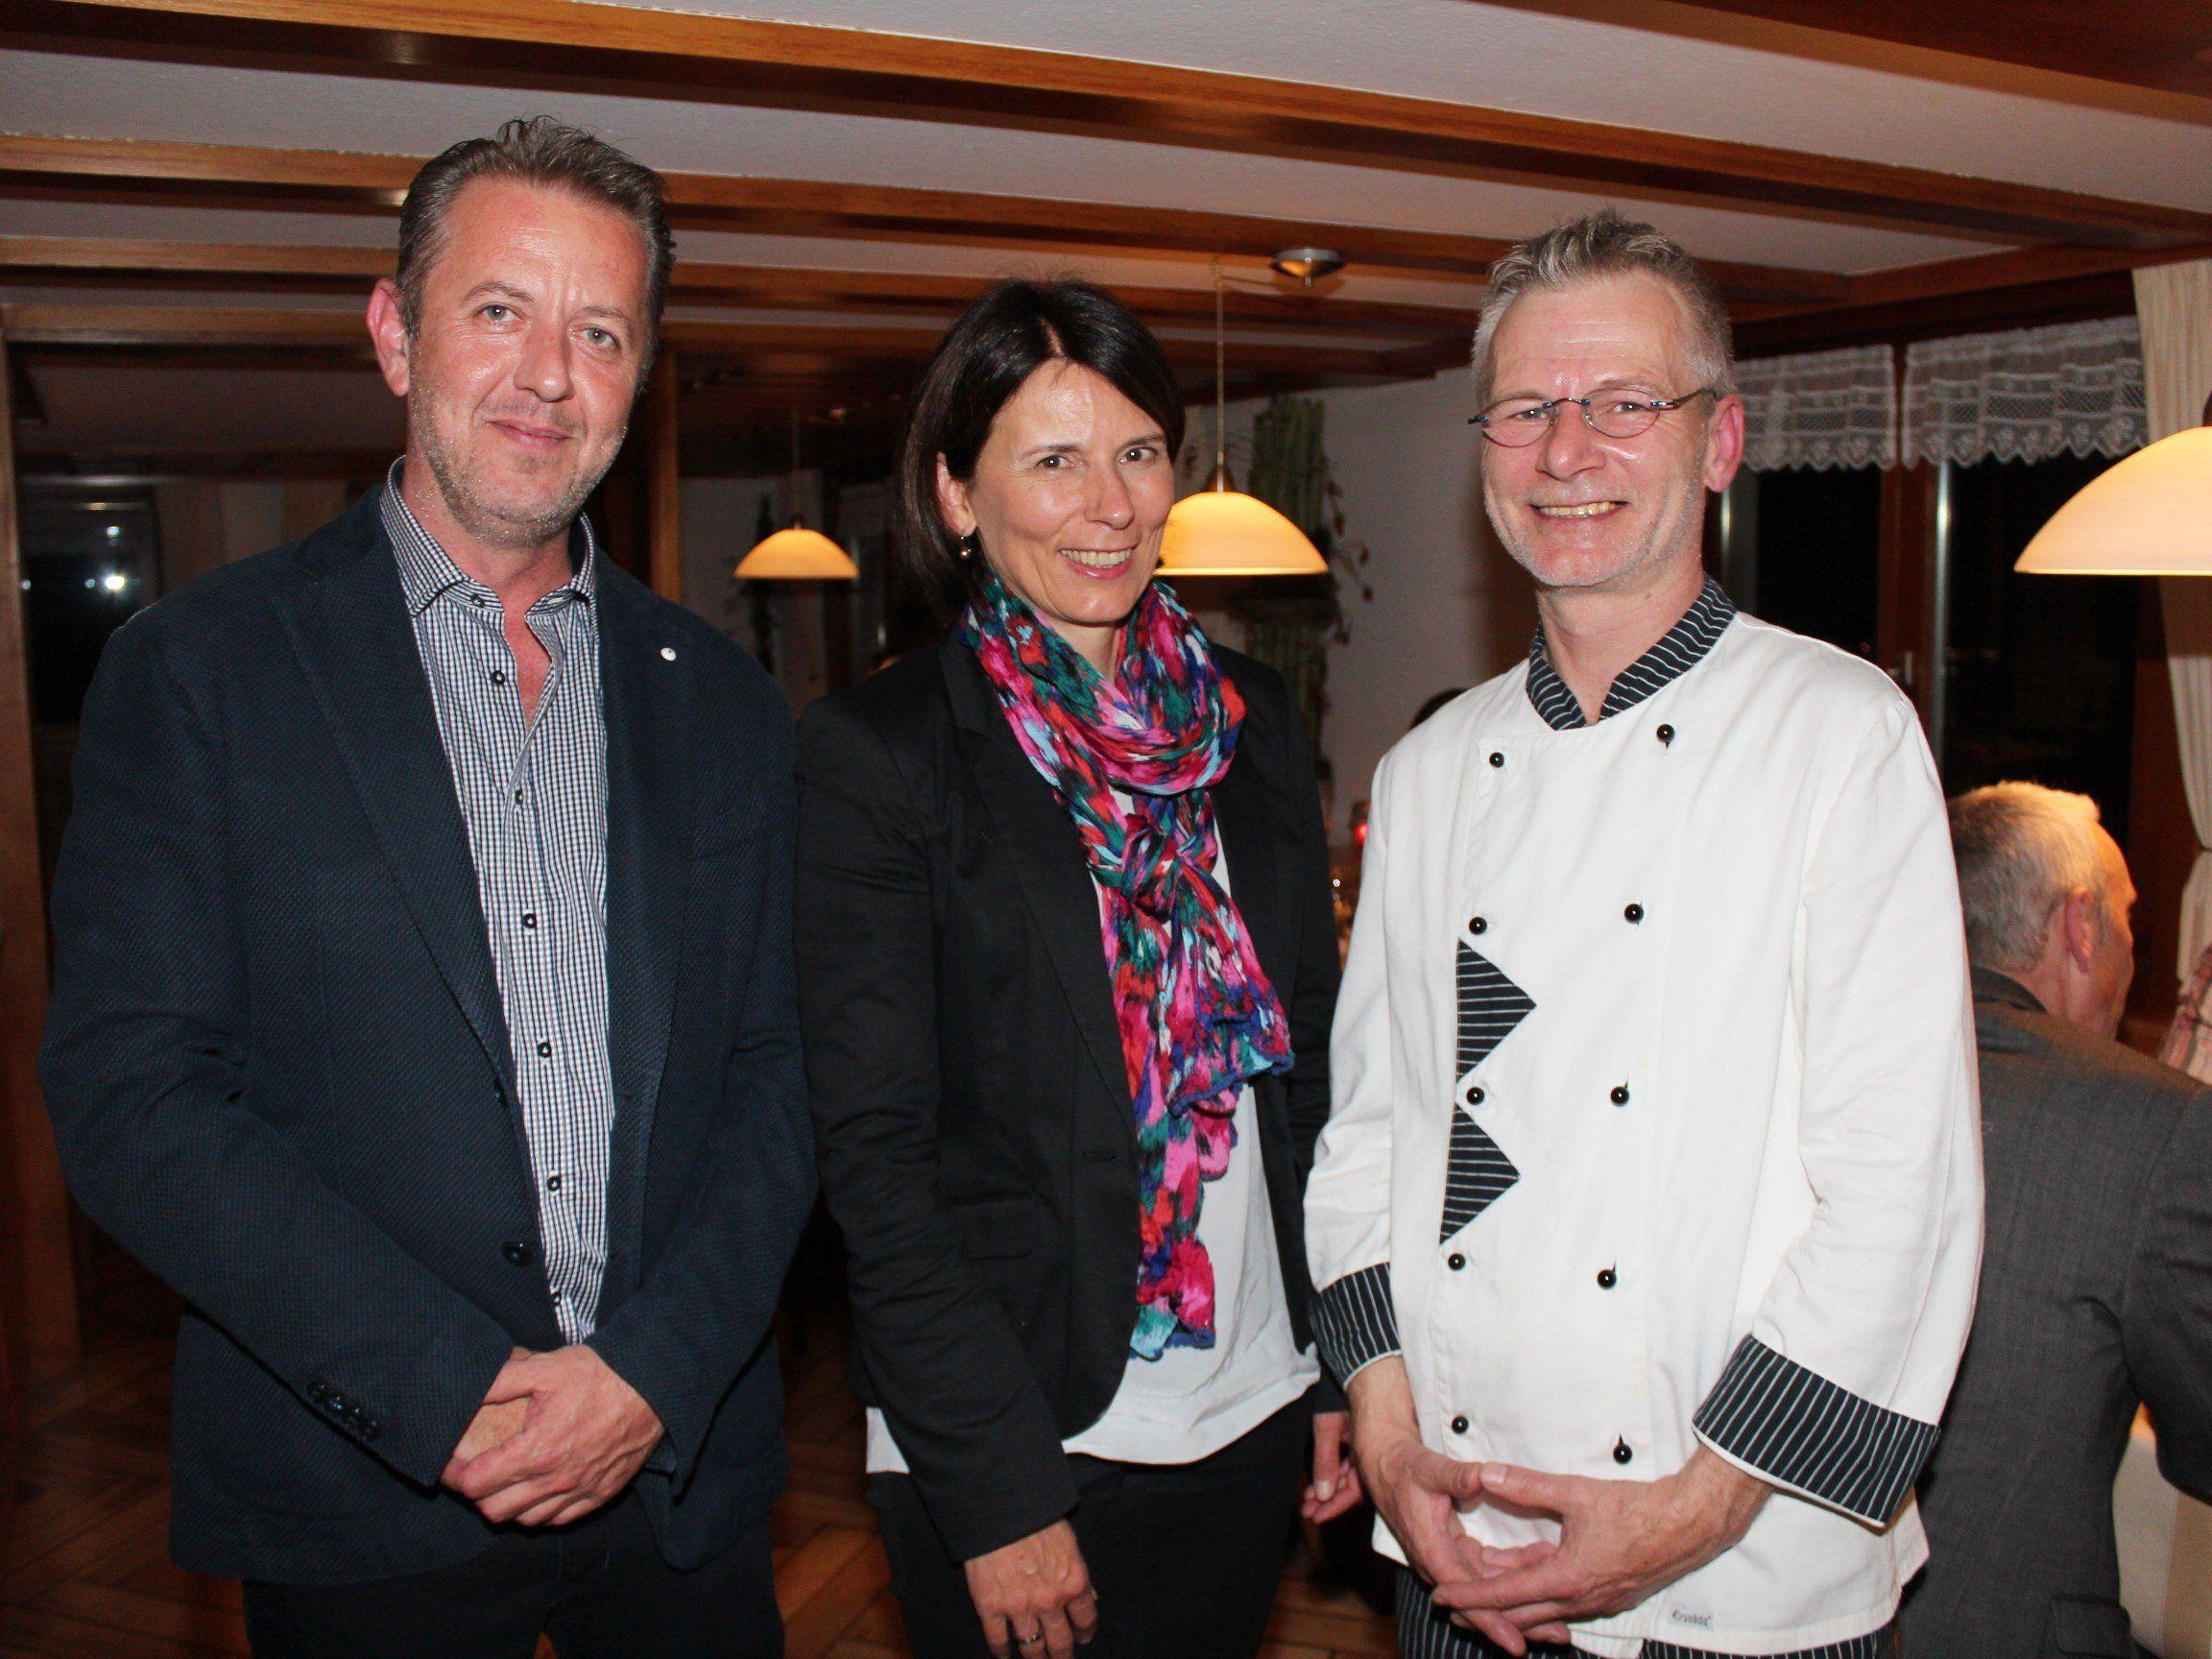 Stefan Tiefenbacher, Bgm. Judith Schilling-Grabher und Michael Fiebiger.